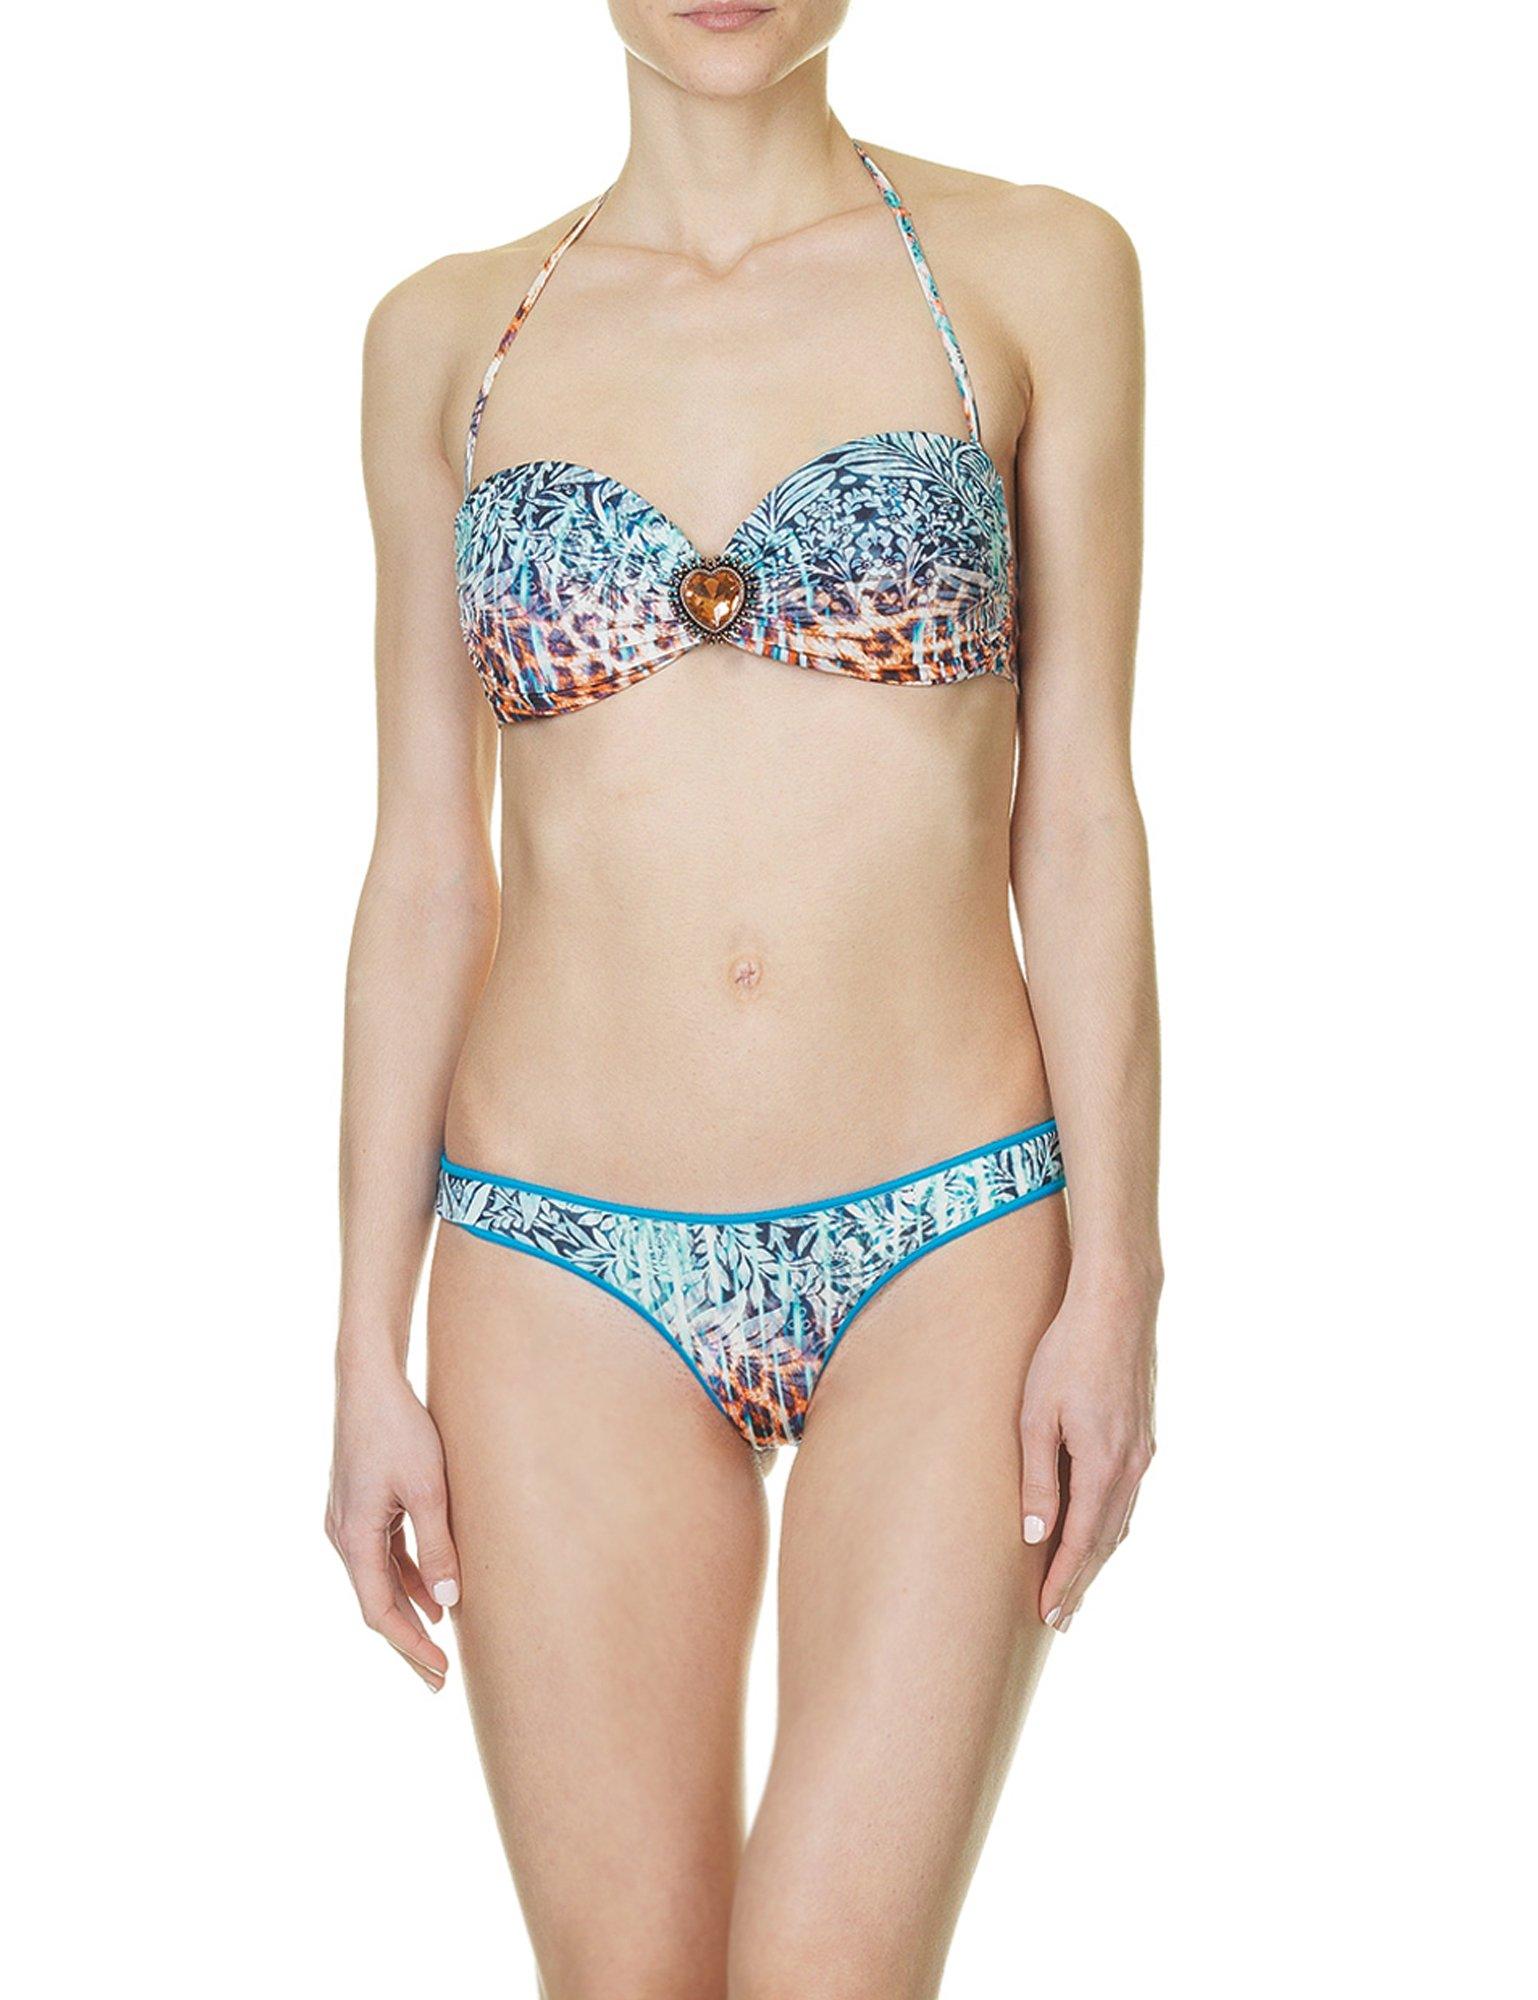 Despi Swimwear Women's In Love Tropi Bikini With Print in Size L Multicolour